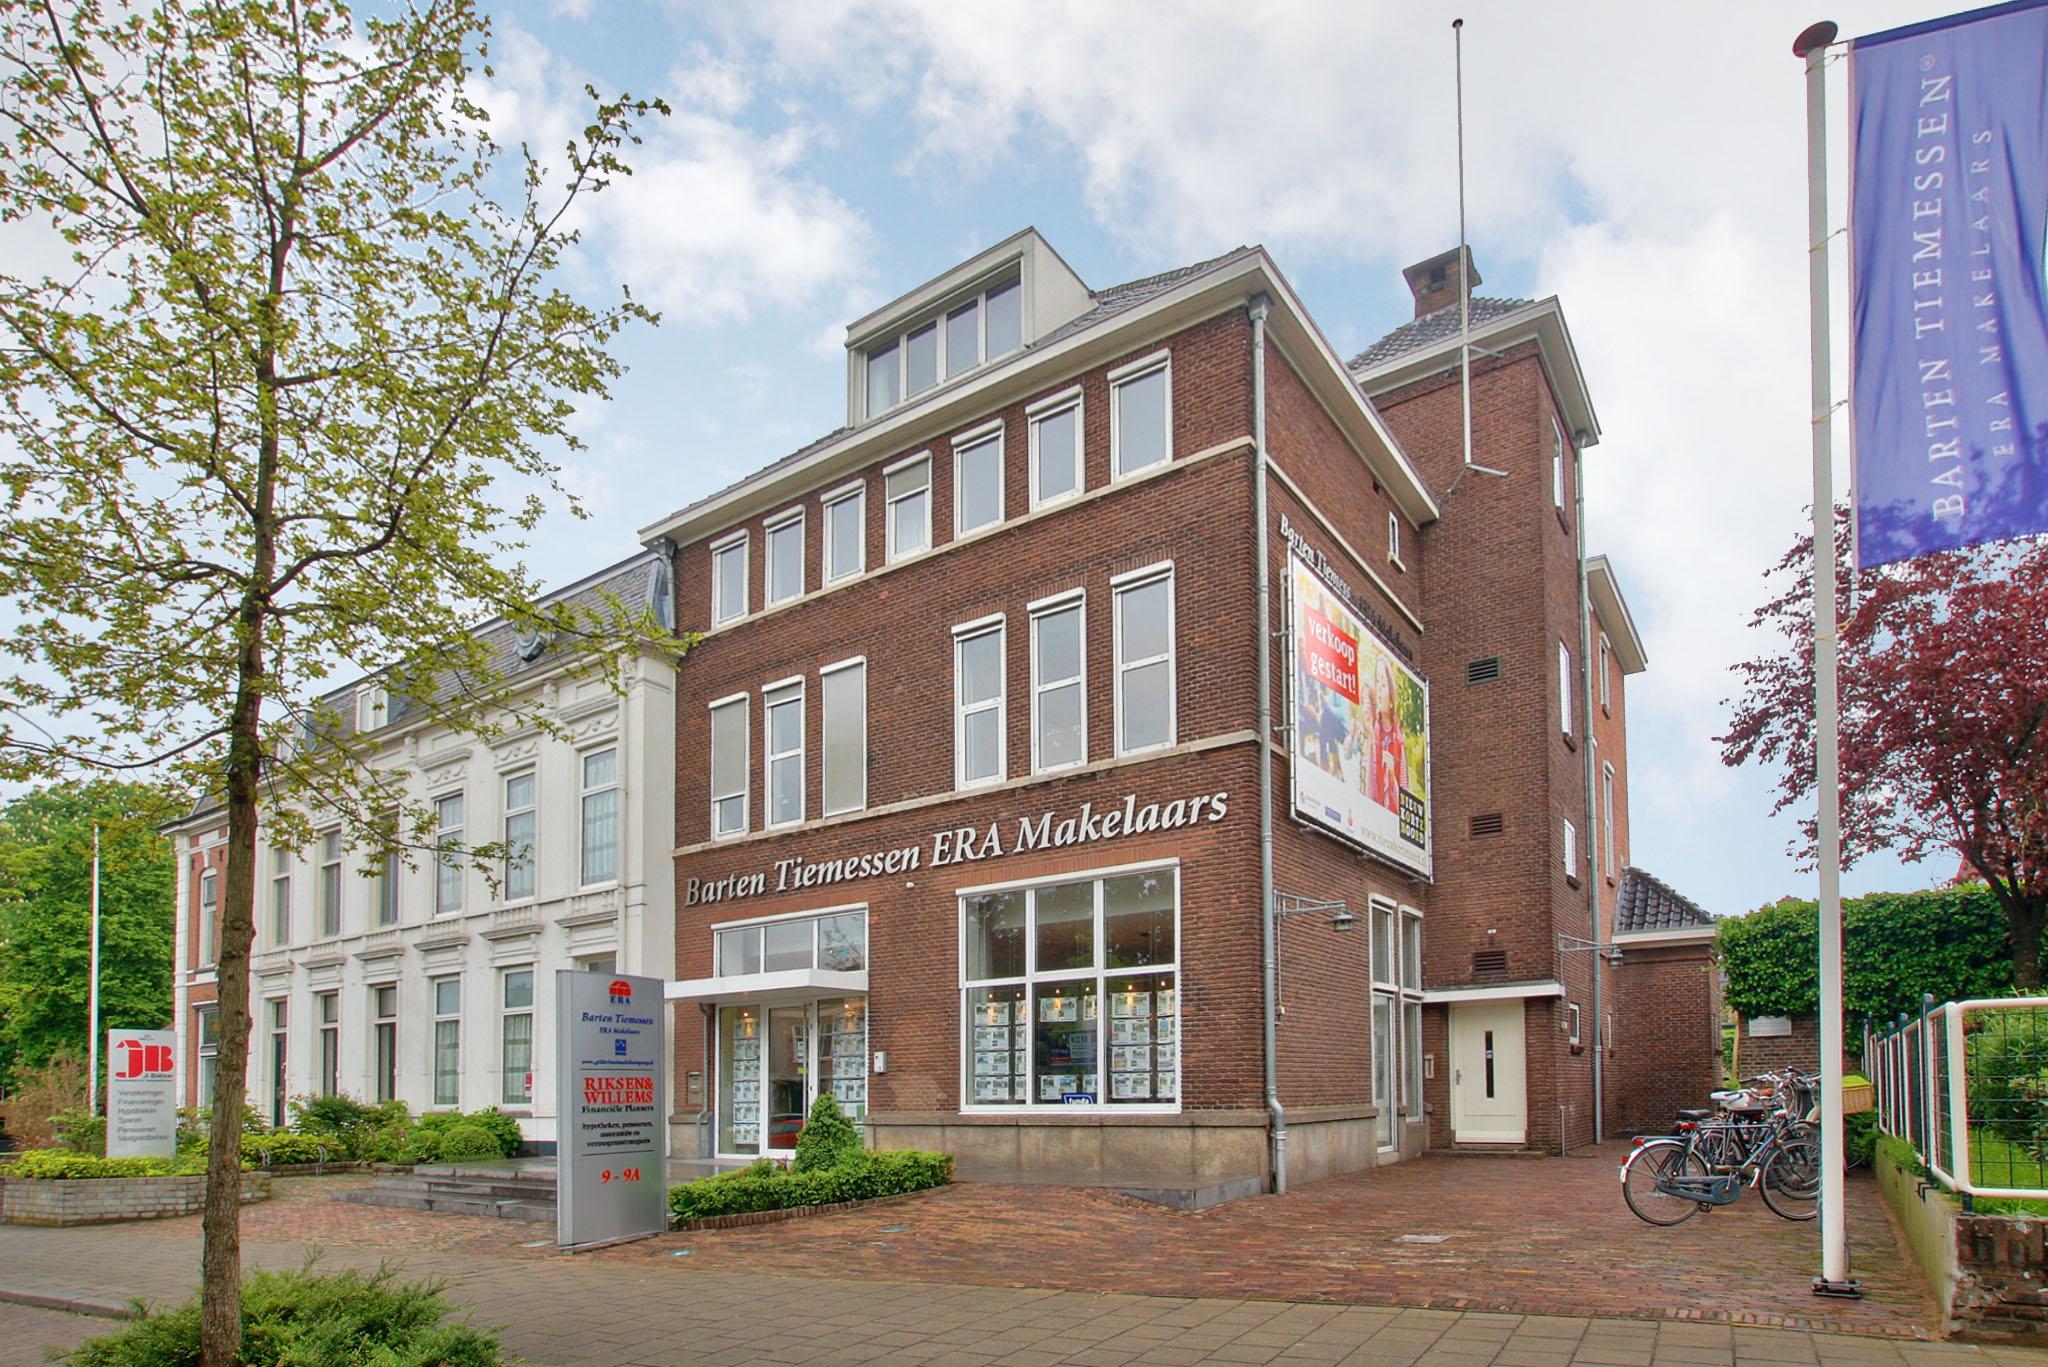 Kantoor Vestiging Barten Tiemessen NVM Makelaars B.V.